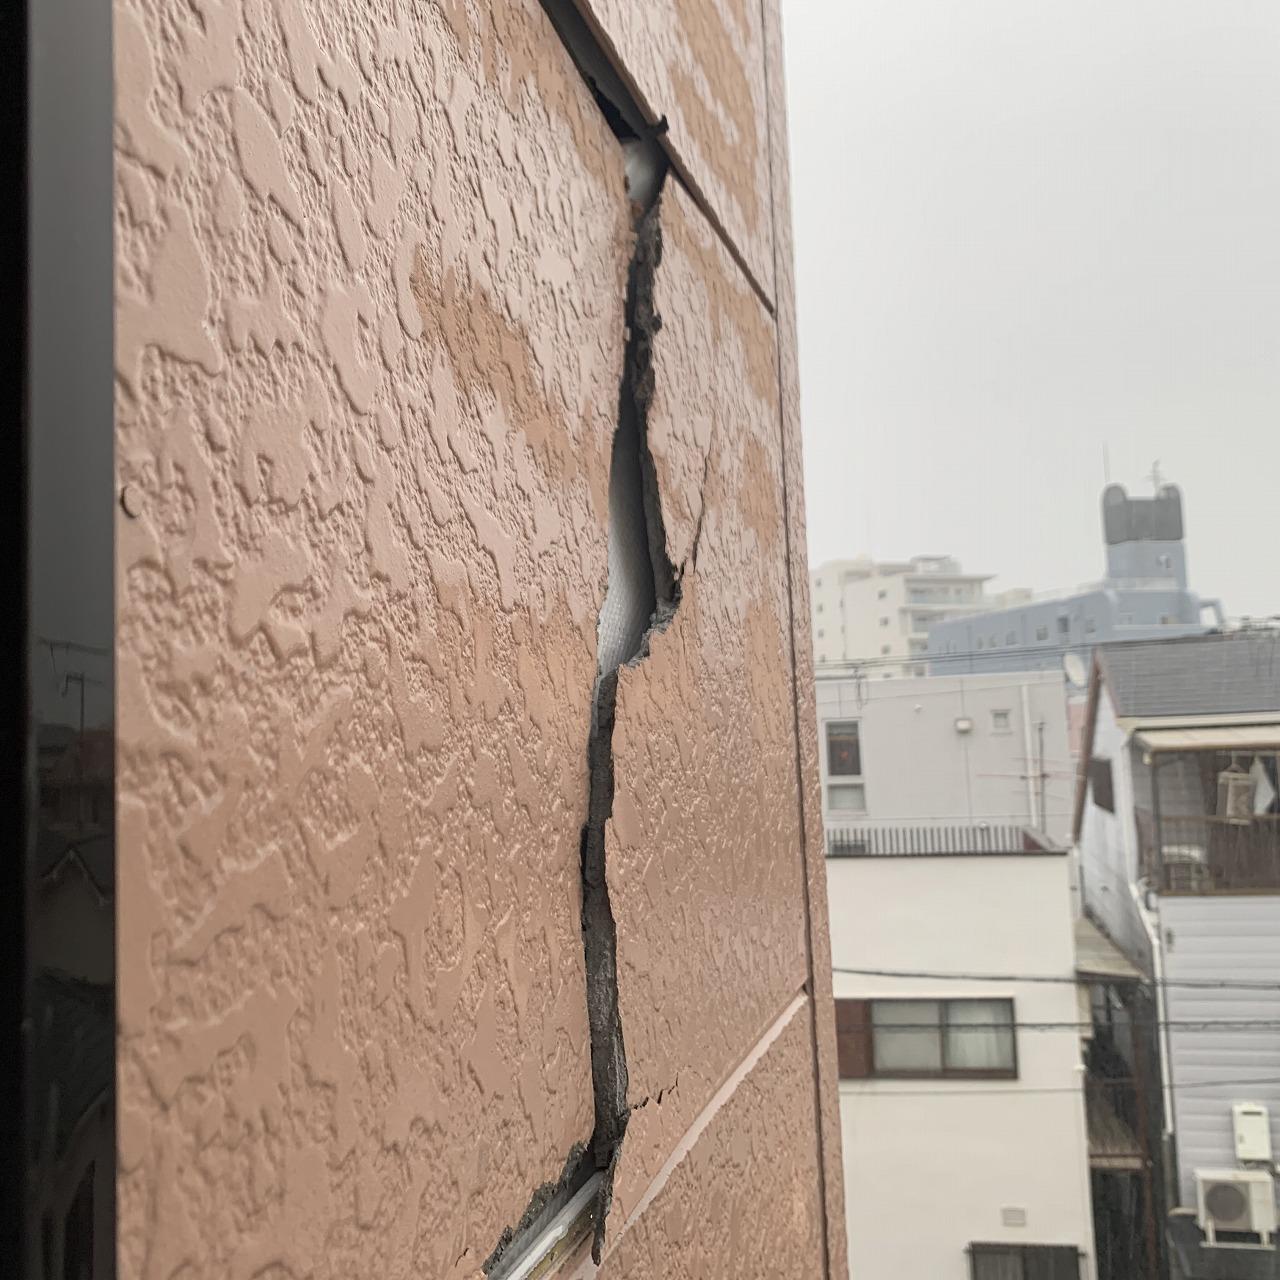 台風被害 サイディングの割れ 火災保険使用